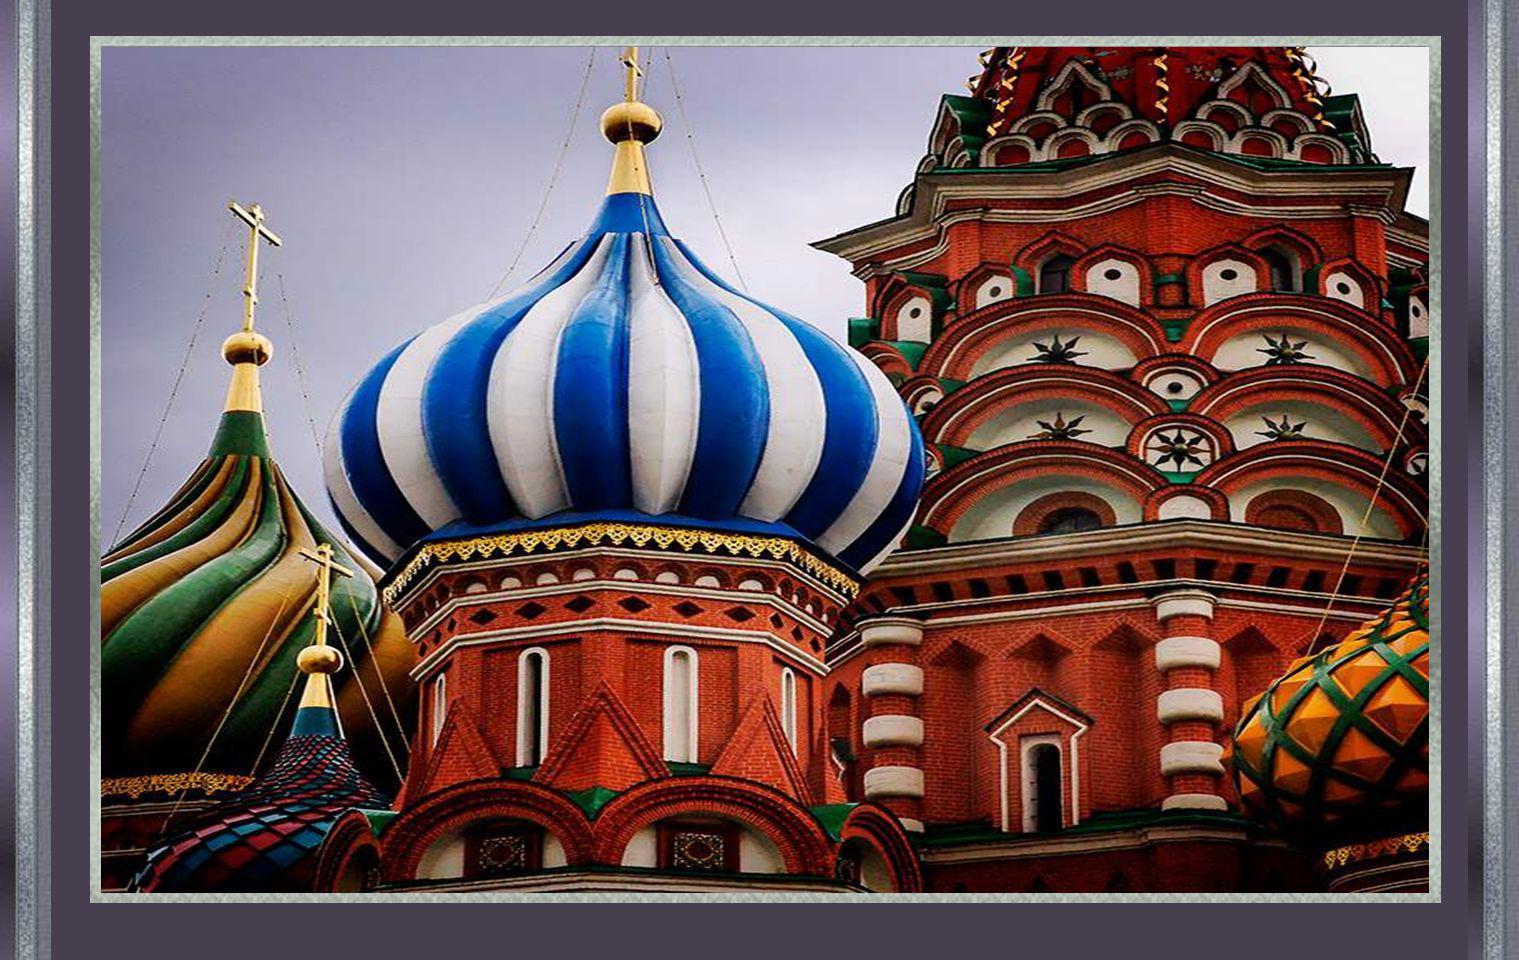 Volgens de legende beval Ivan de ogen van de architect uit te steken: zo zou hij nooit nog een gelijkaardige of nog mooiere kerk kunnen bouwen.